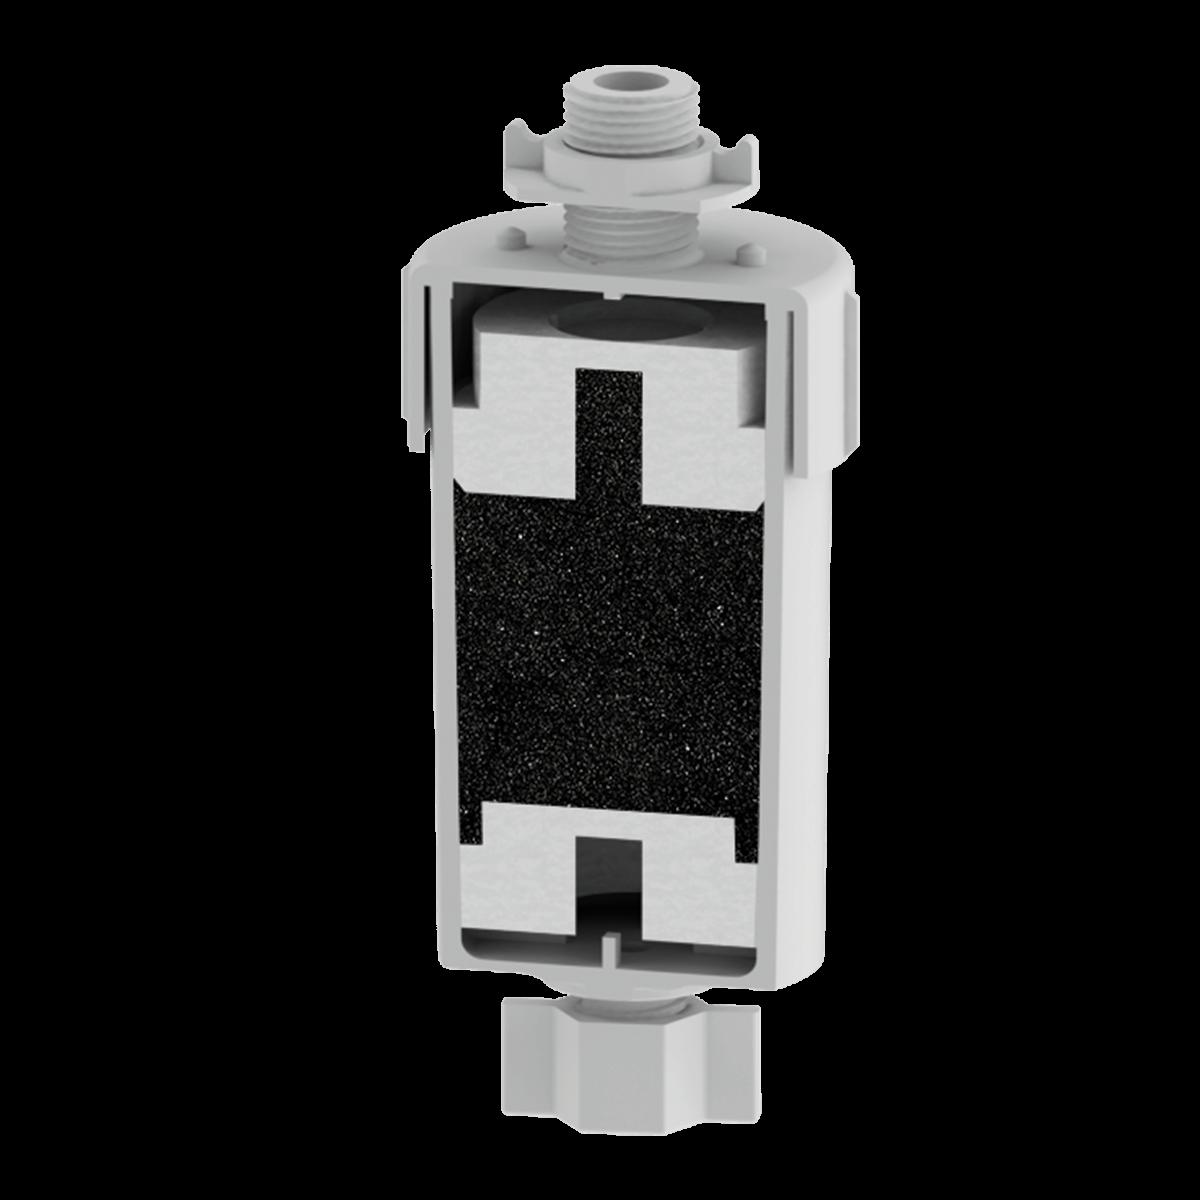 Refil de Filtro Universal Para Bebedouro De Pressão Vários Modelos  - DOTEC SHOP